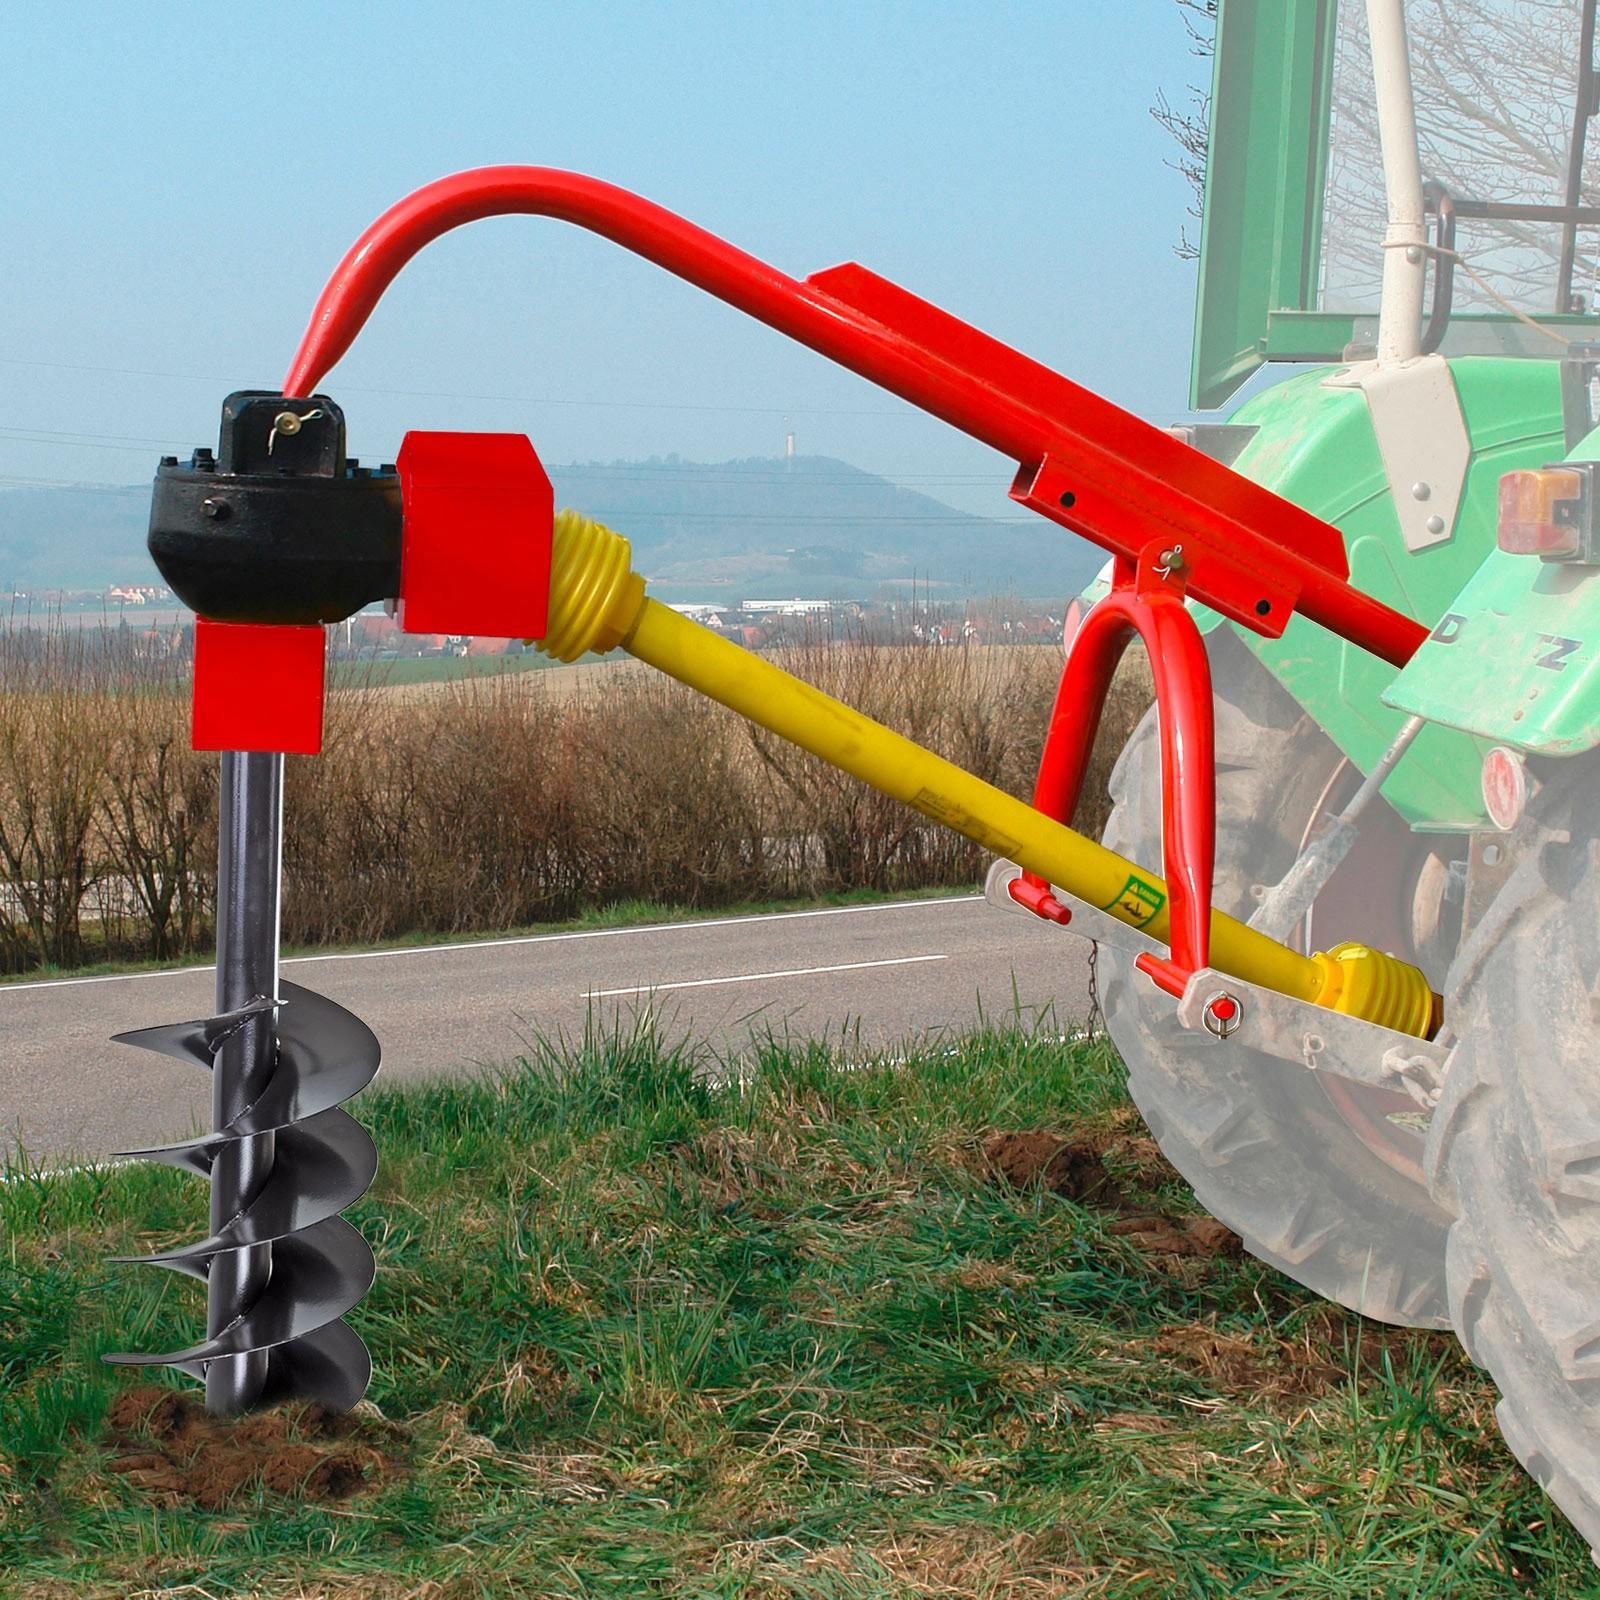 Dema Zapfwellen Erdbohrer / Pfahlbohrer 300 mm mit Zapfwelle im Set 61806-67947